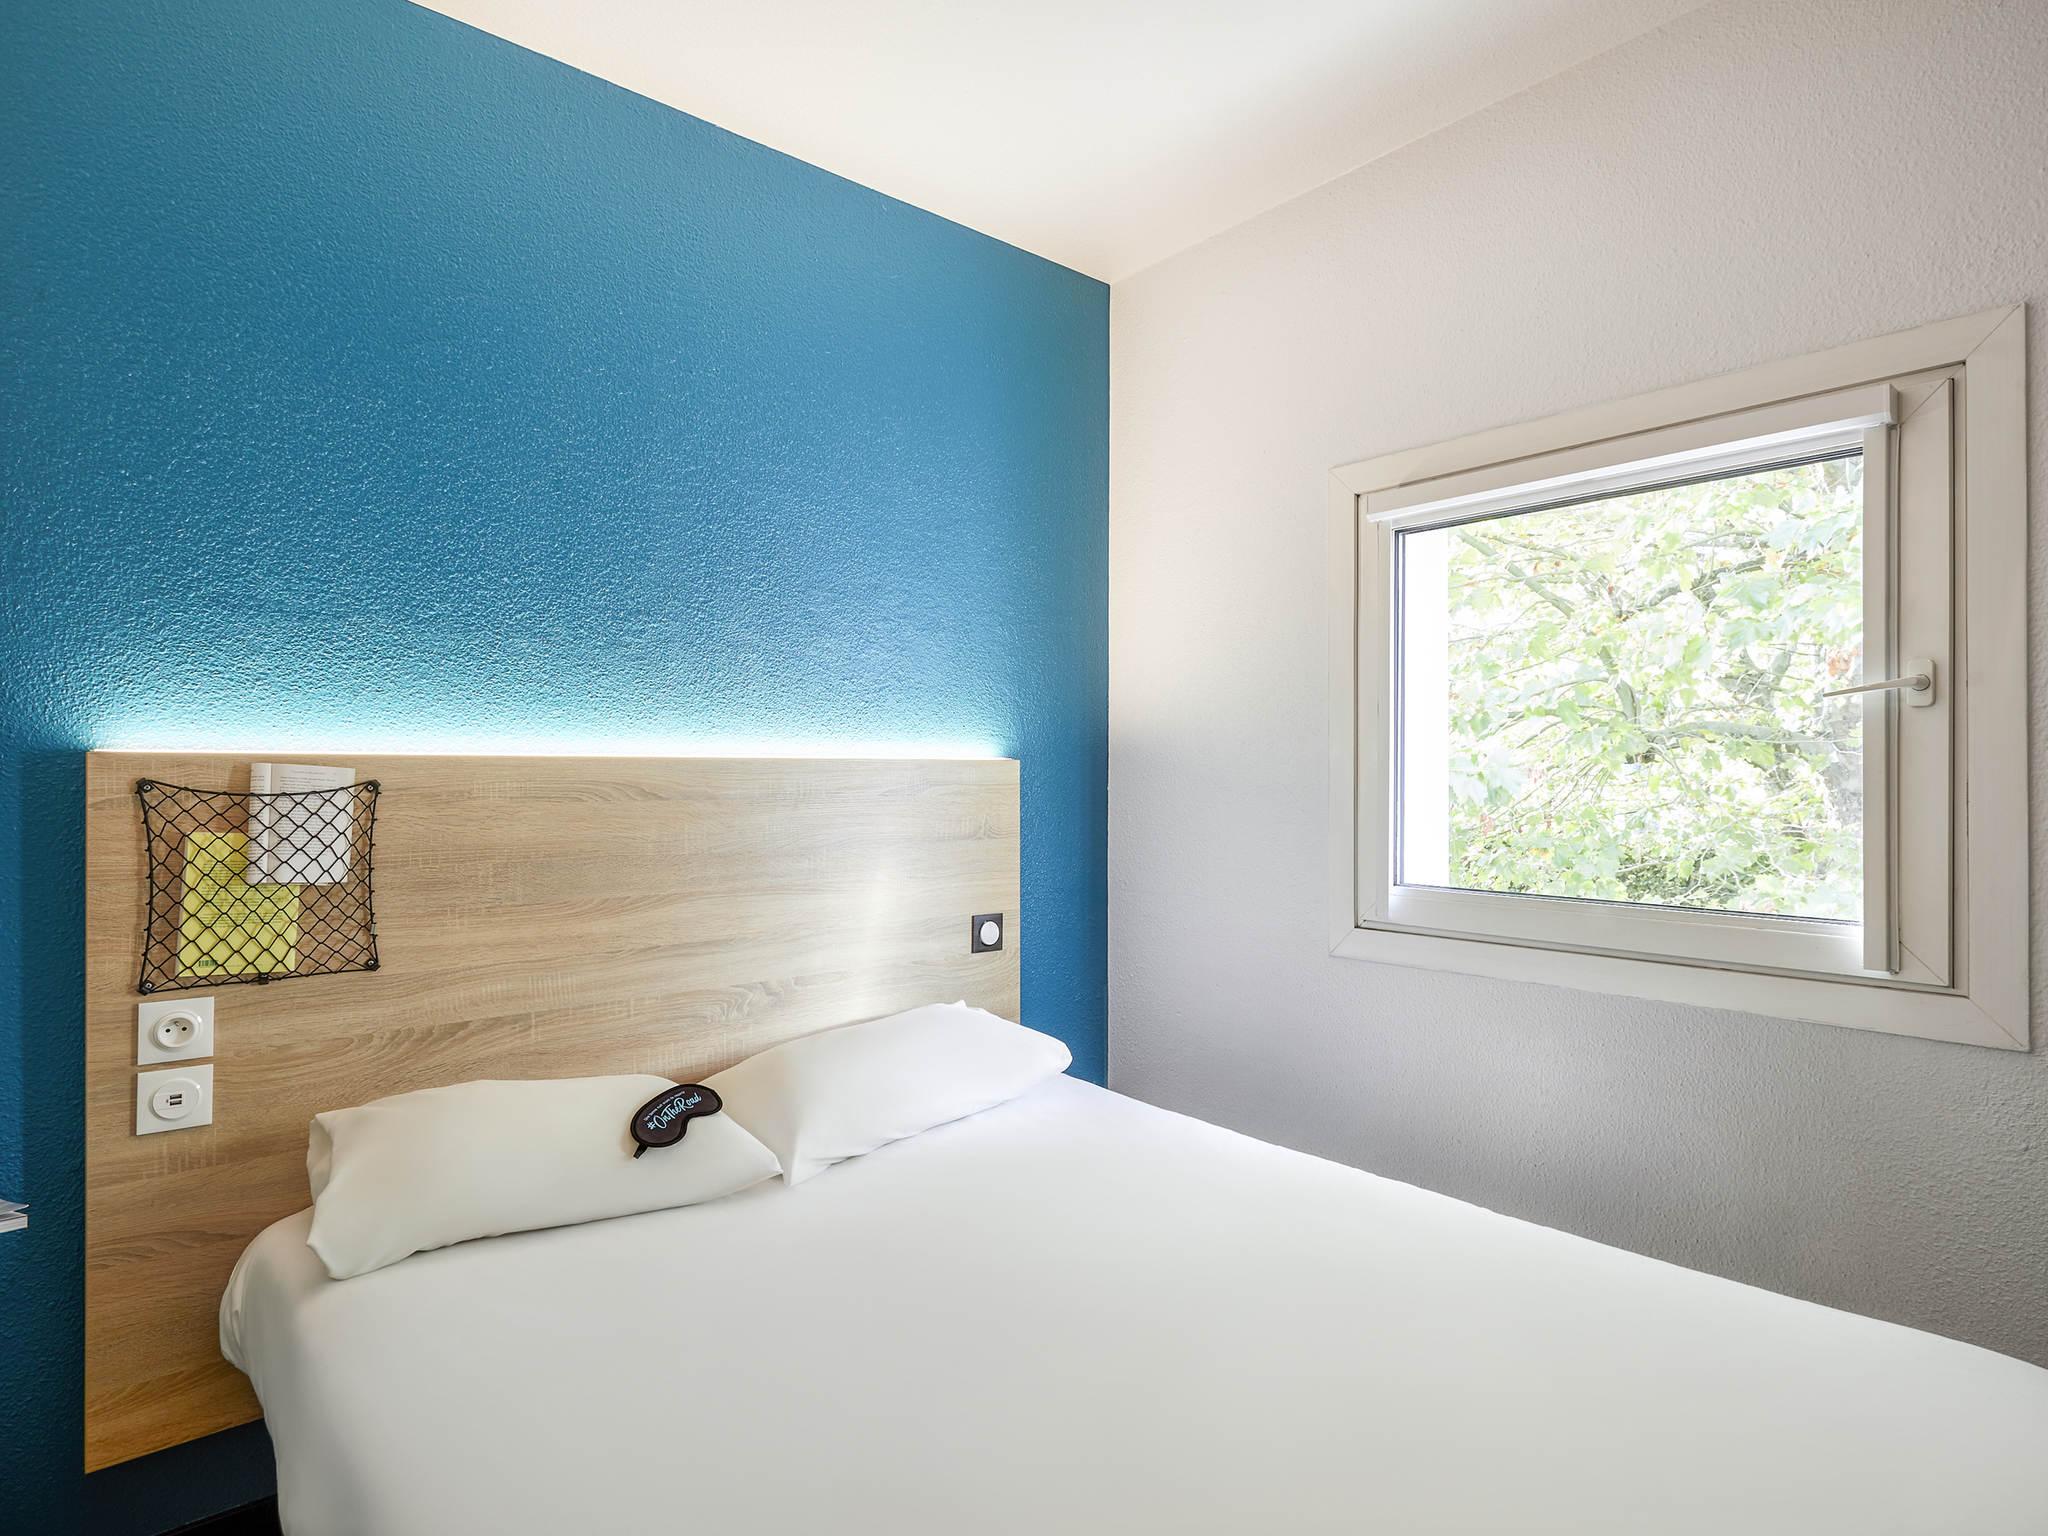 Hotel – hotelF1 Lille Villeneuve-d'Ascq